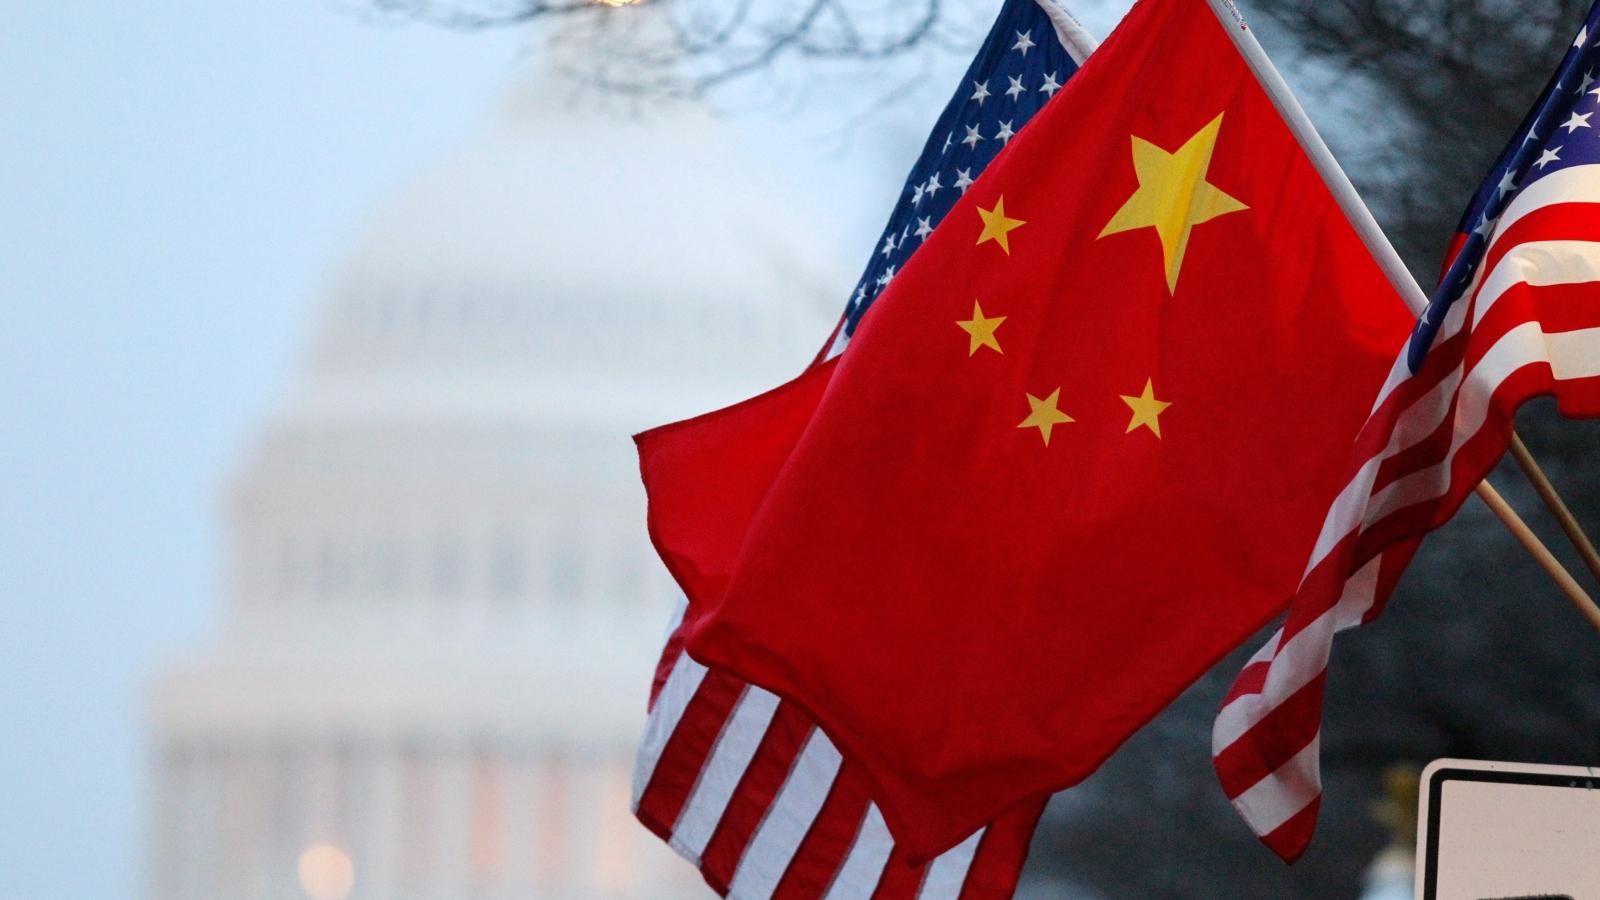 Quan hệ Trung Quốc-Mỹ dưới thời tân Tổng thống Joe Biden liệu có dễ thở hơn?